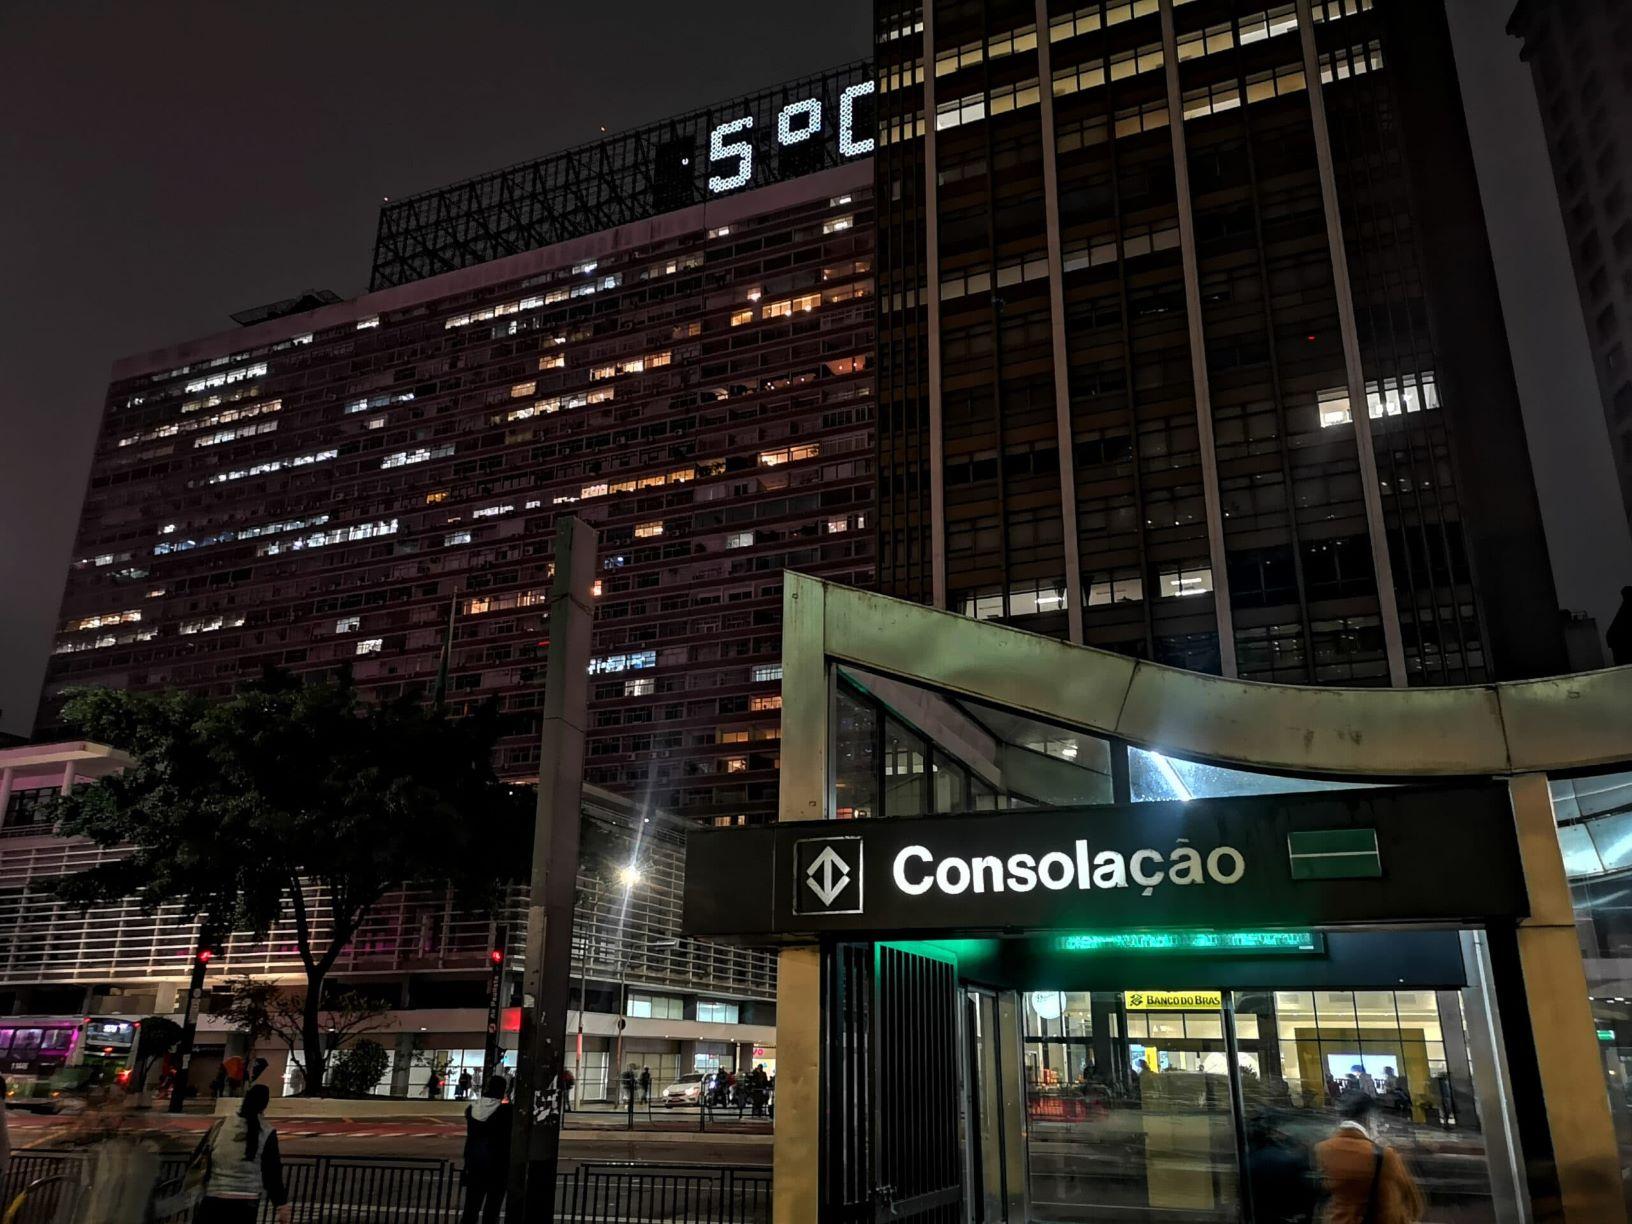 Madrugada gelada na Avenida Paulista: madrugada de quinta para sexta foi a mais fria desde 2016 (Foto: Roberto Parizotti/Fotos Públicas)